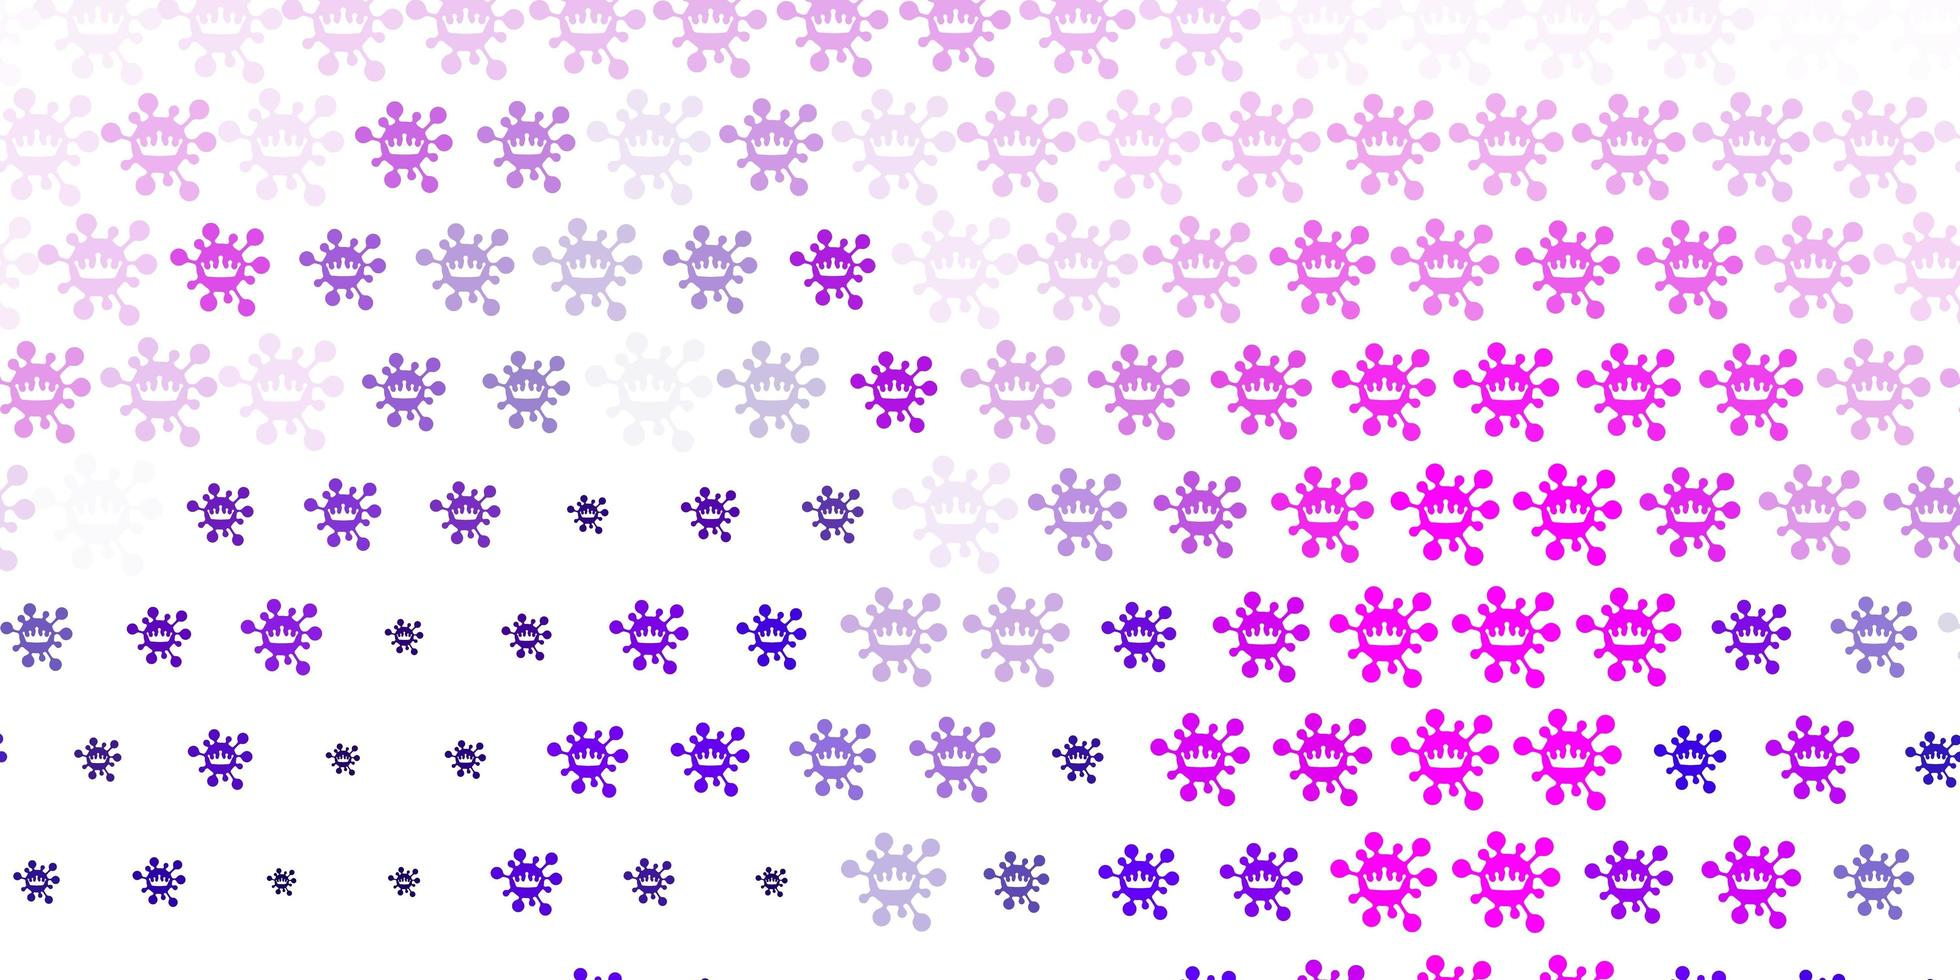 hellviolette Vektorbeschaffenheit mit Krankheitssymbolen. vektor